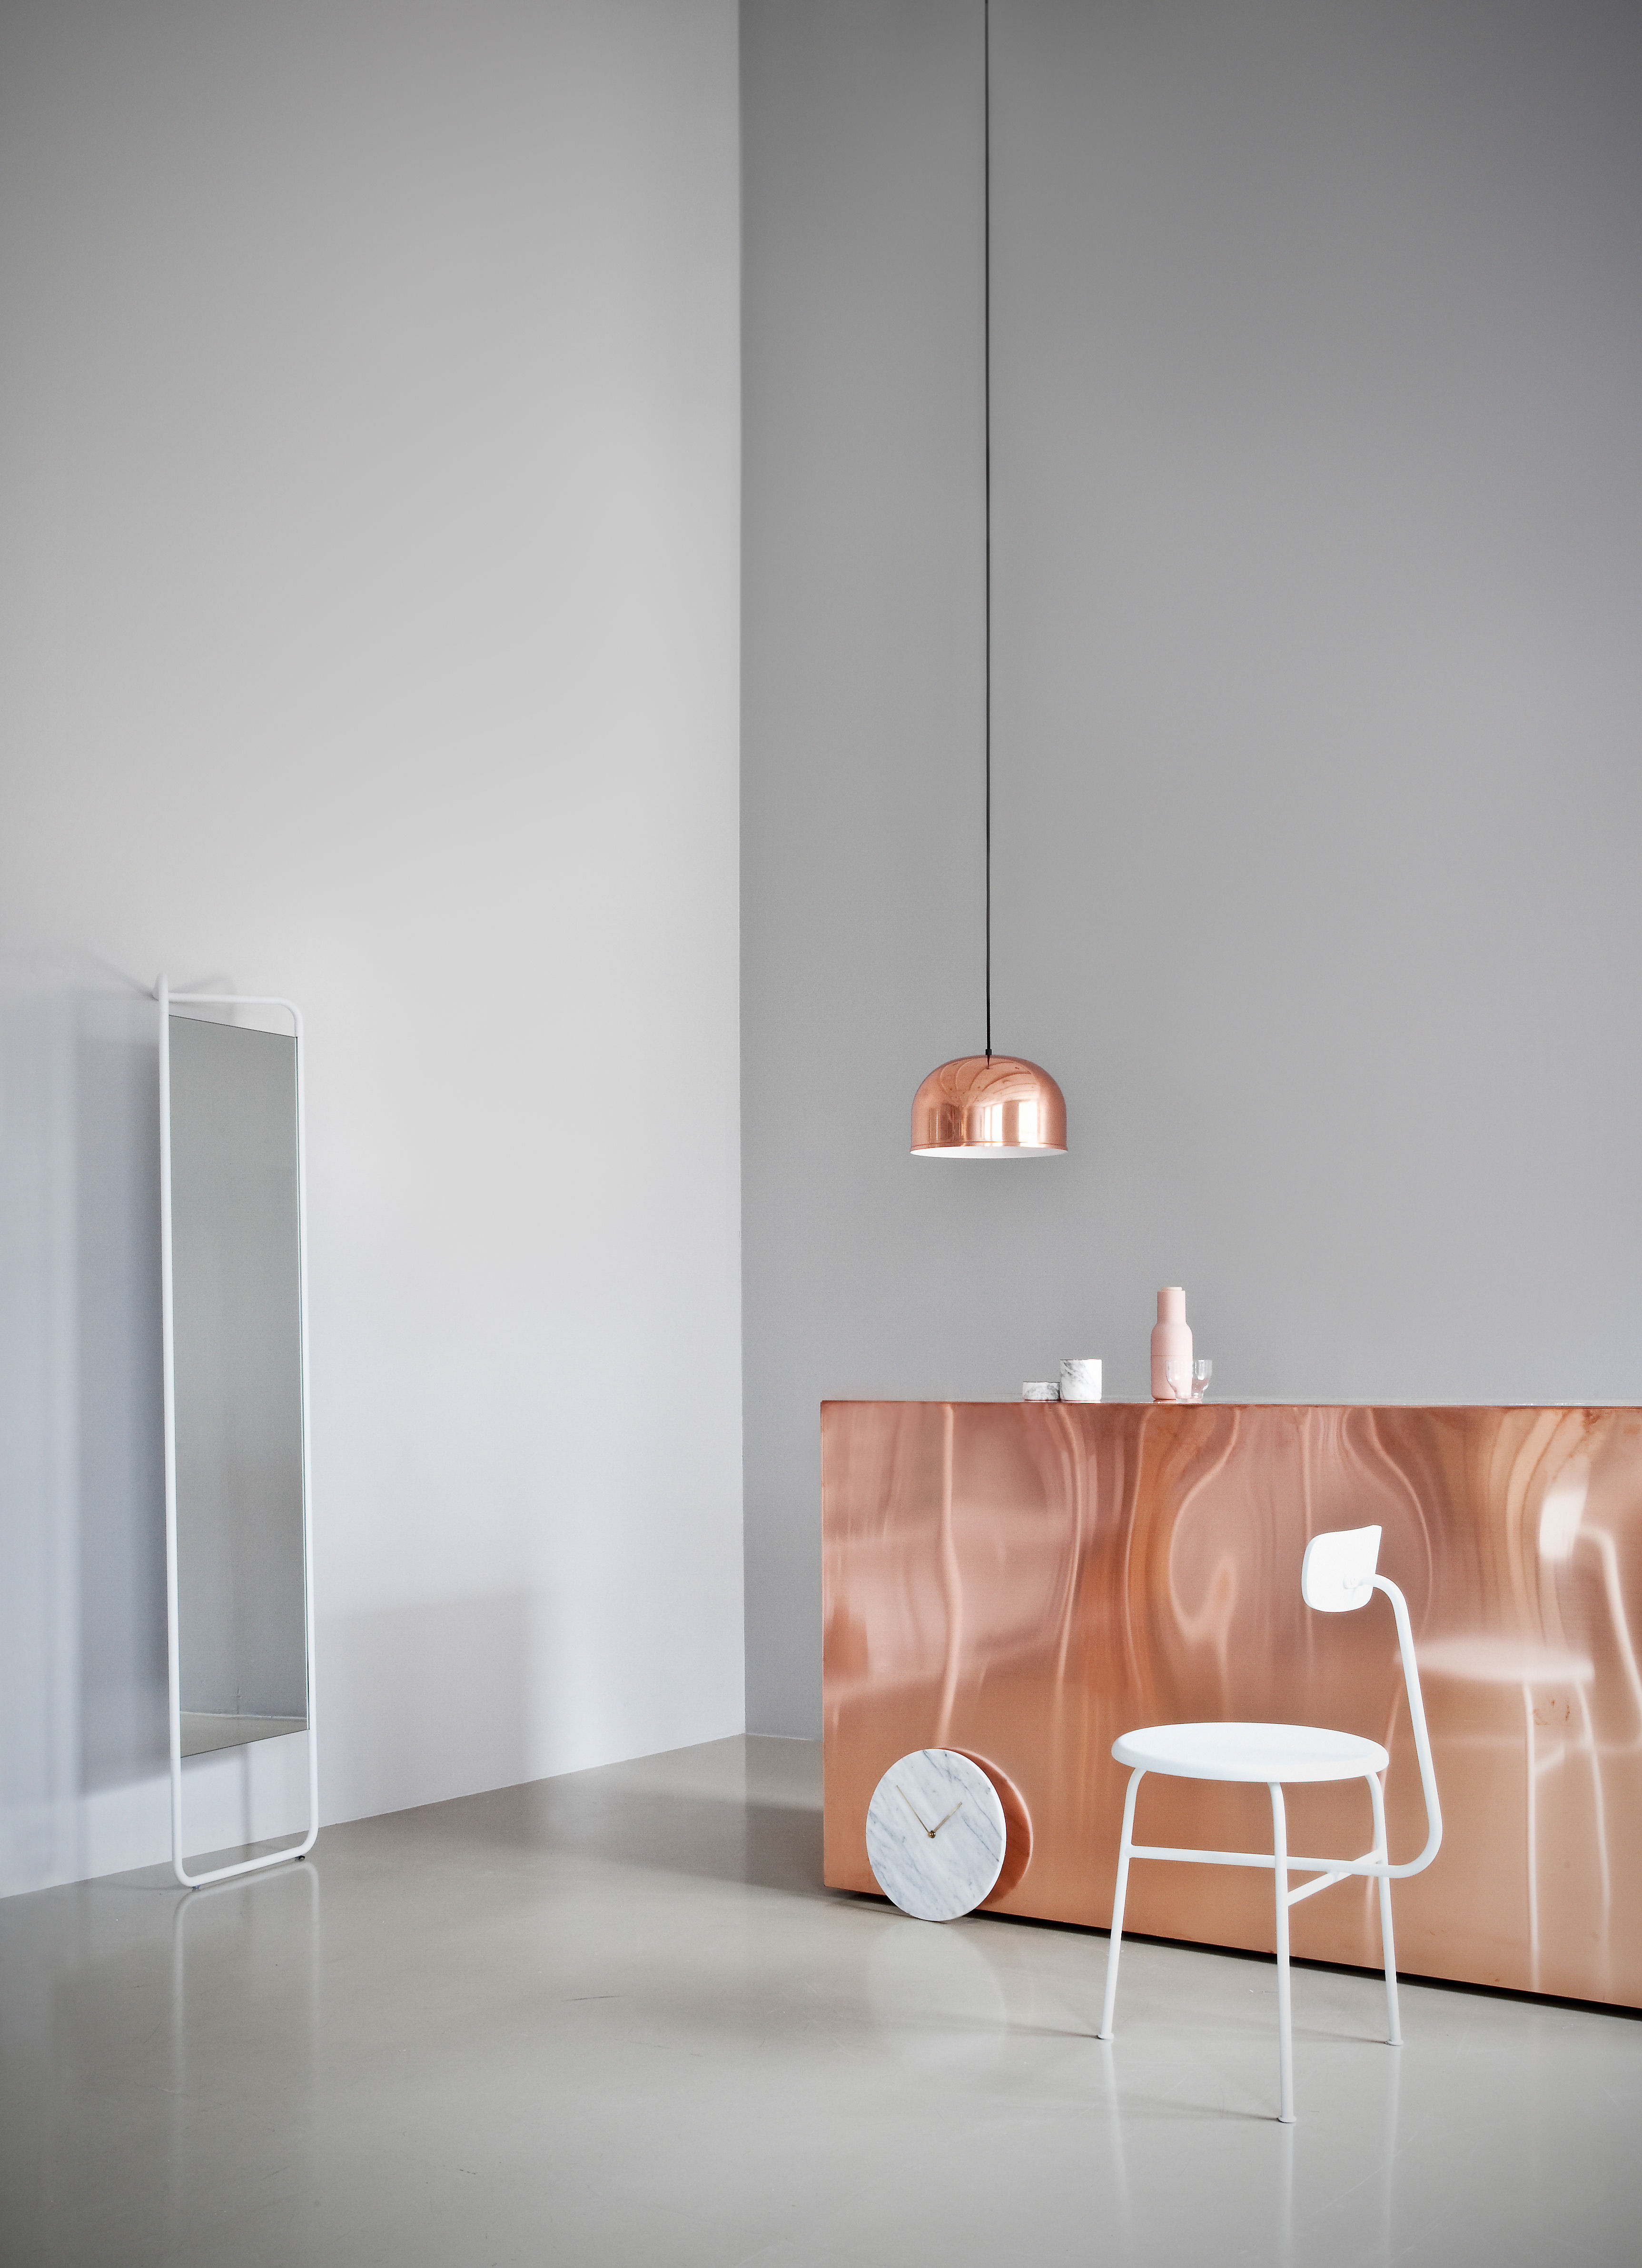 Miroir sur pied kaschkasch poser l 42 x h 175 cm vert mousse menu - Miroir een poser sur tafel ...